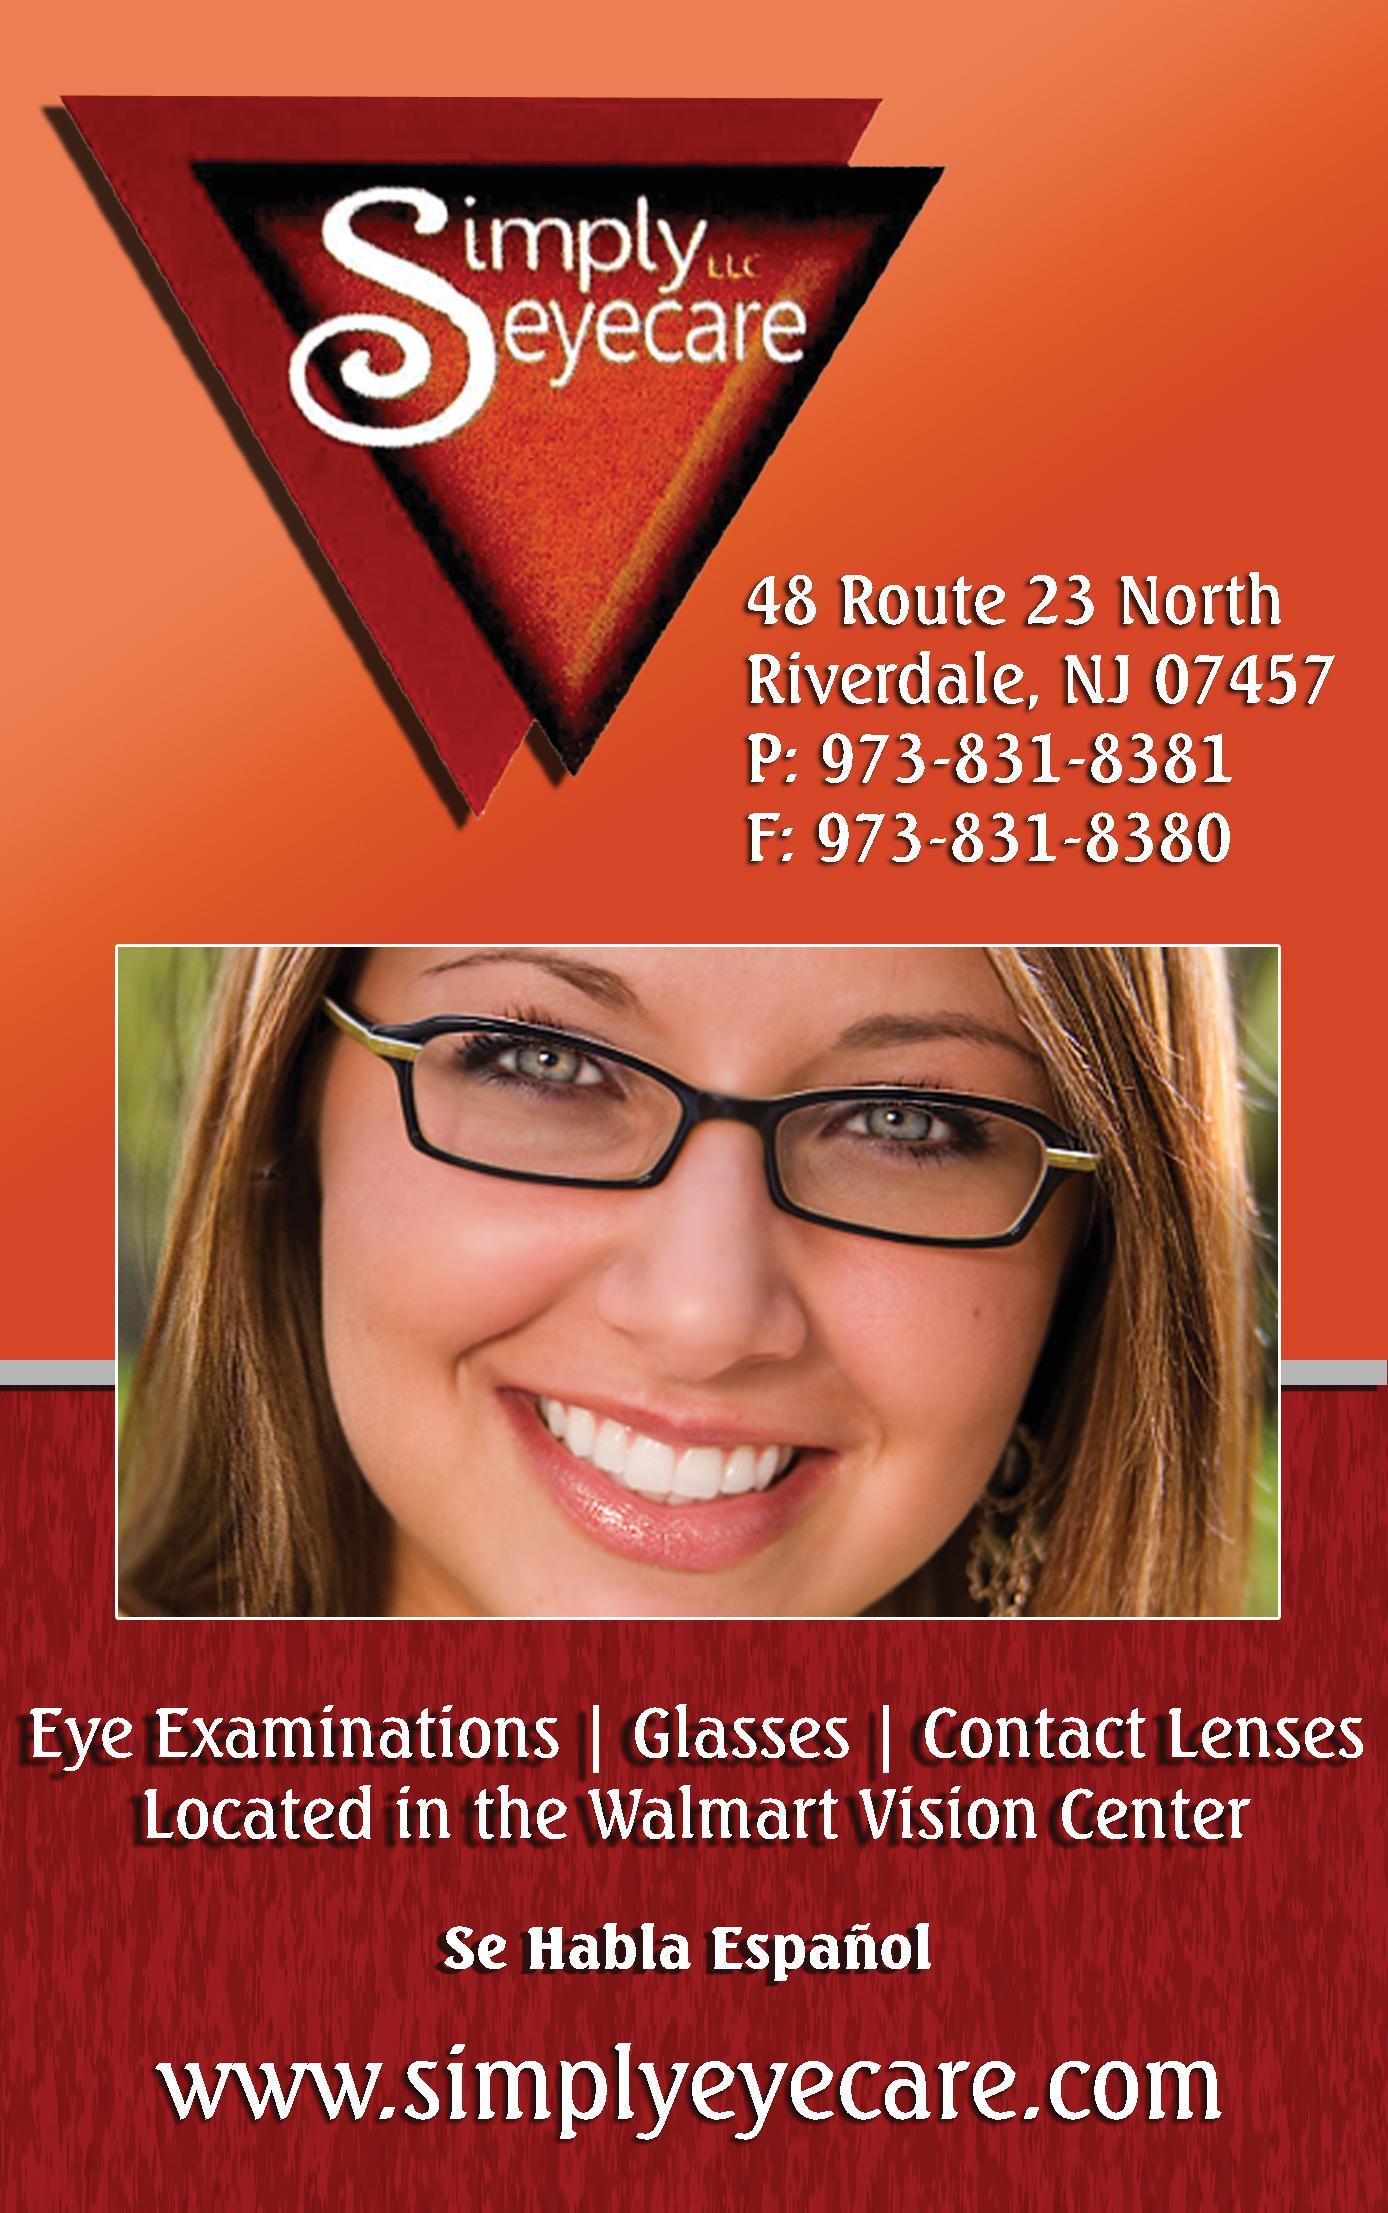 Simply Eyecare, LLC